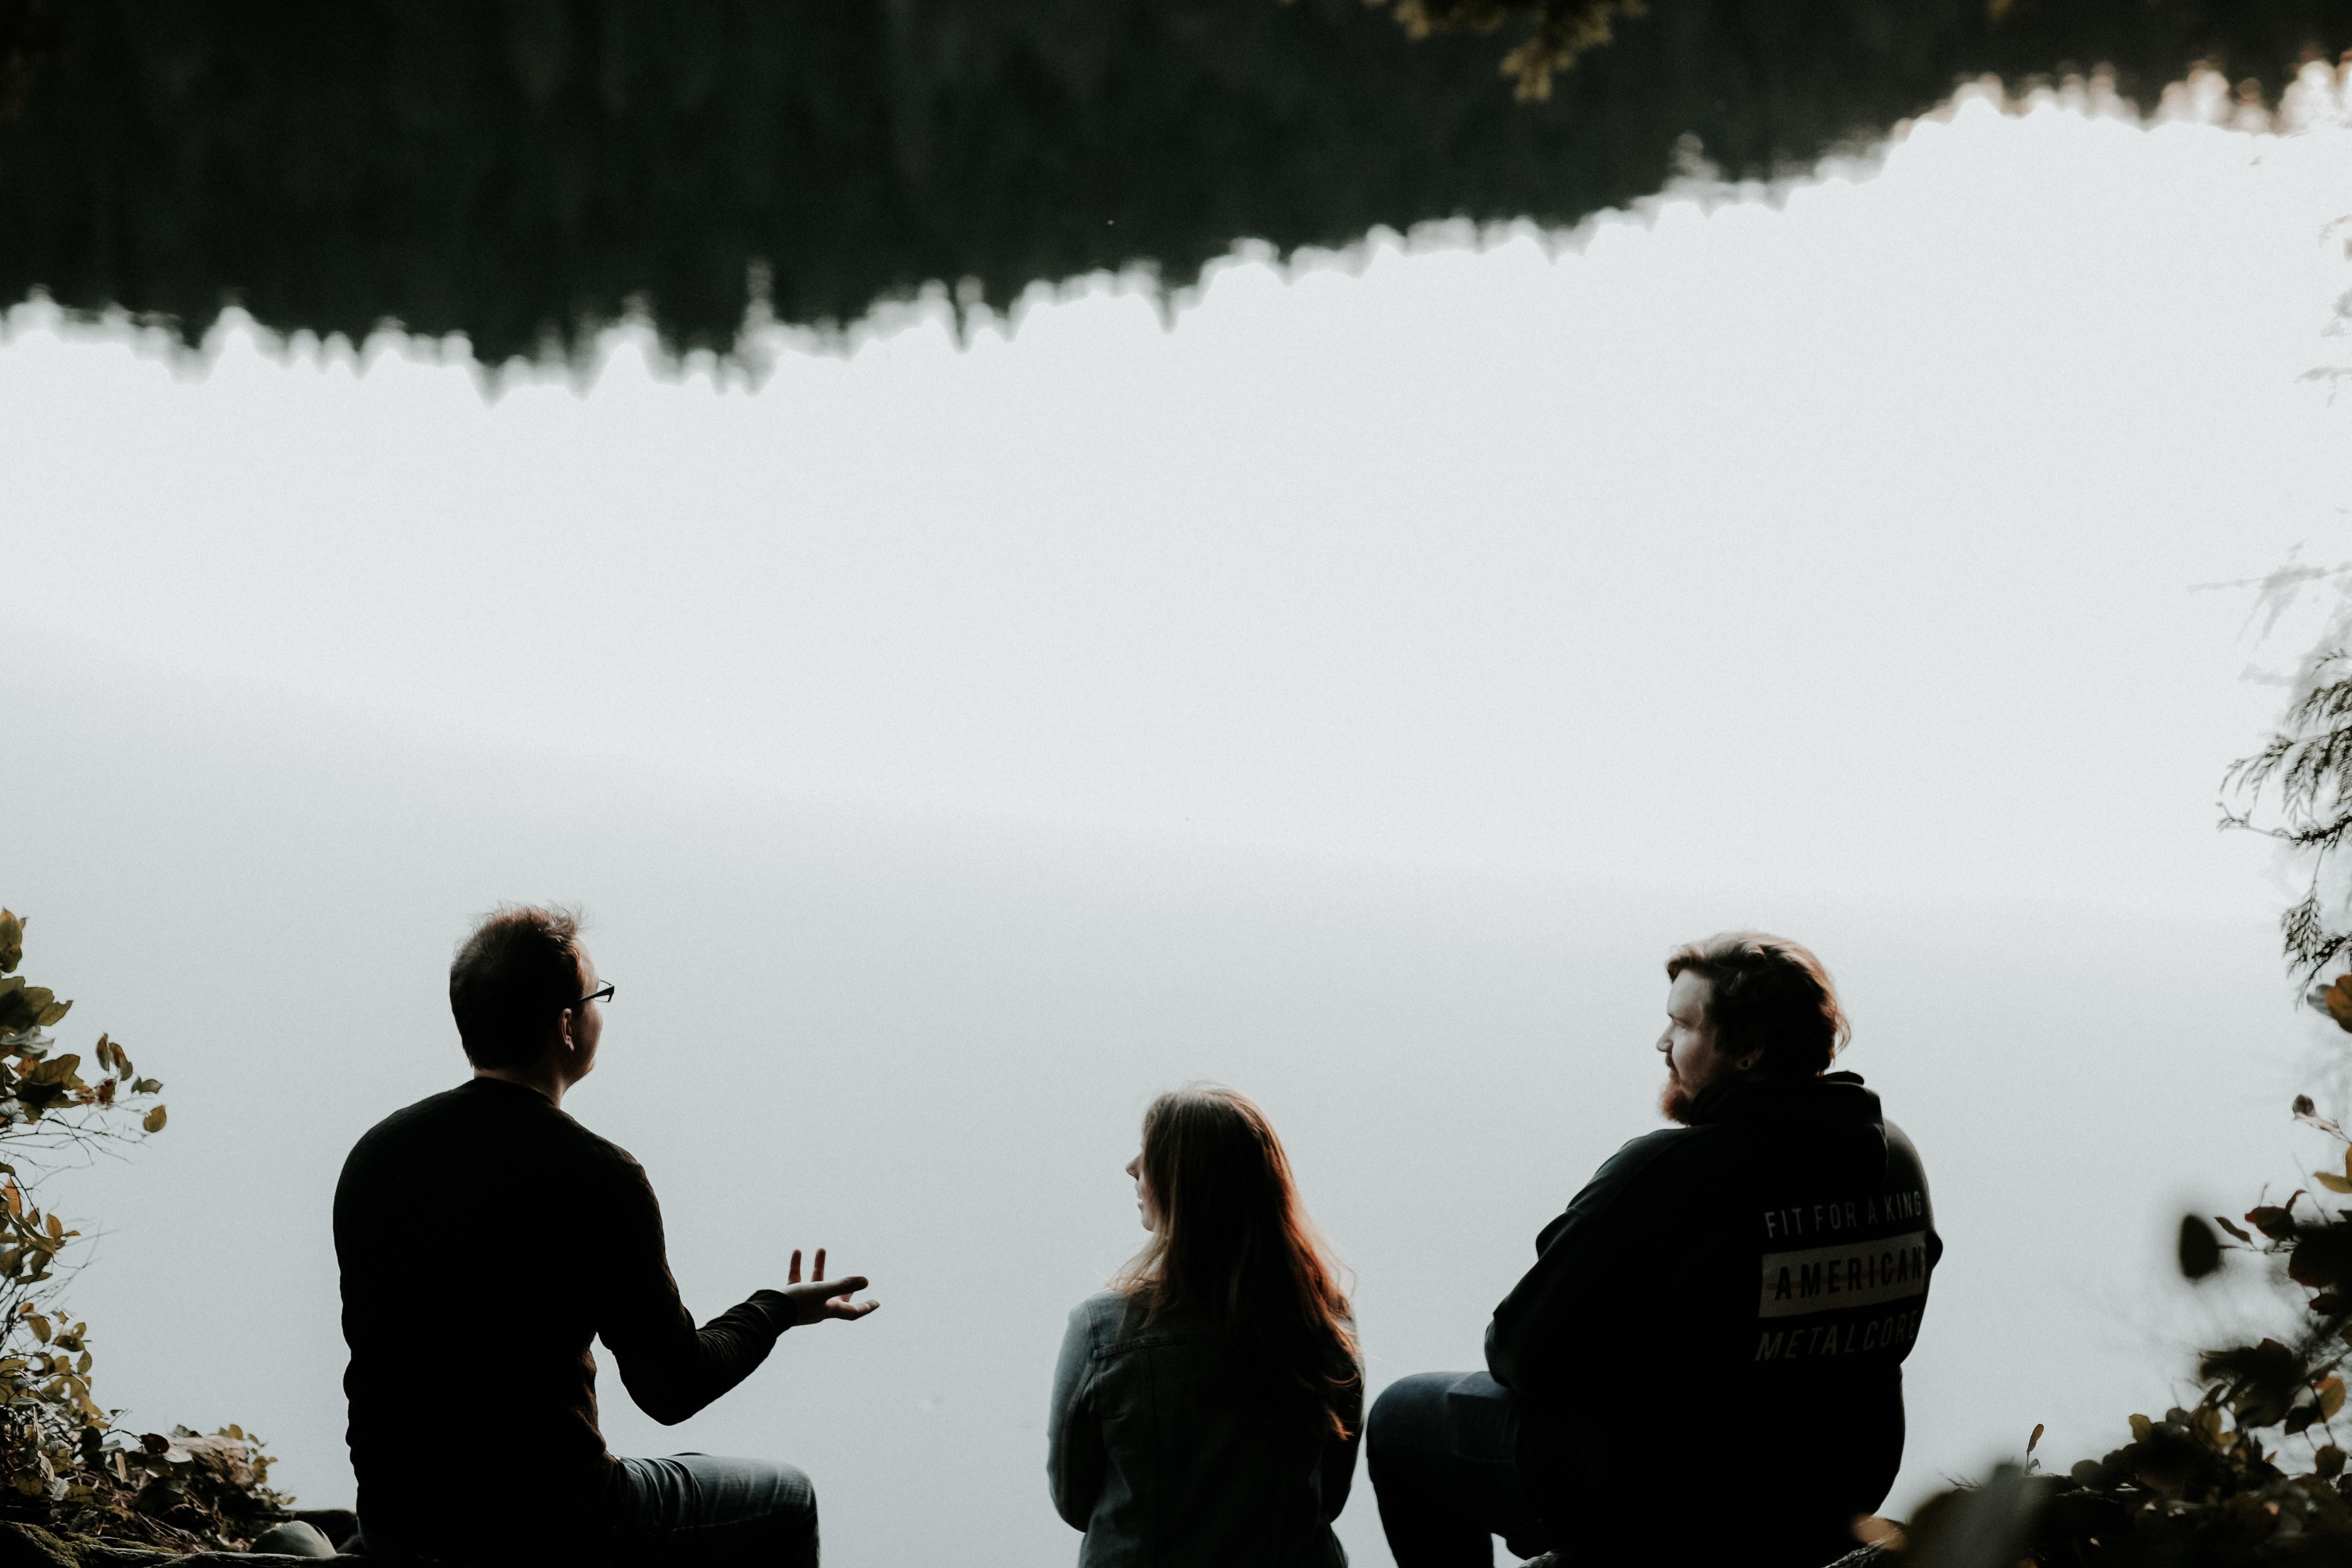 Personen reden am See